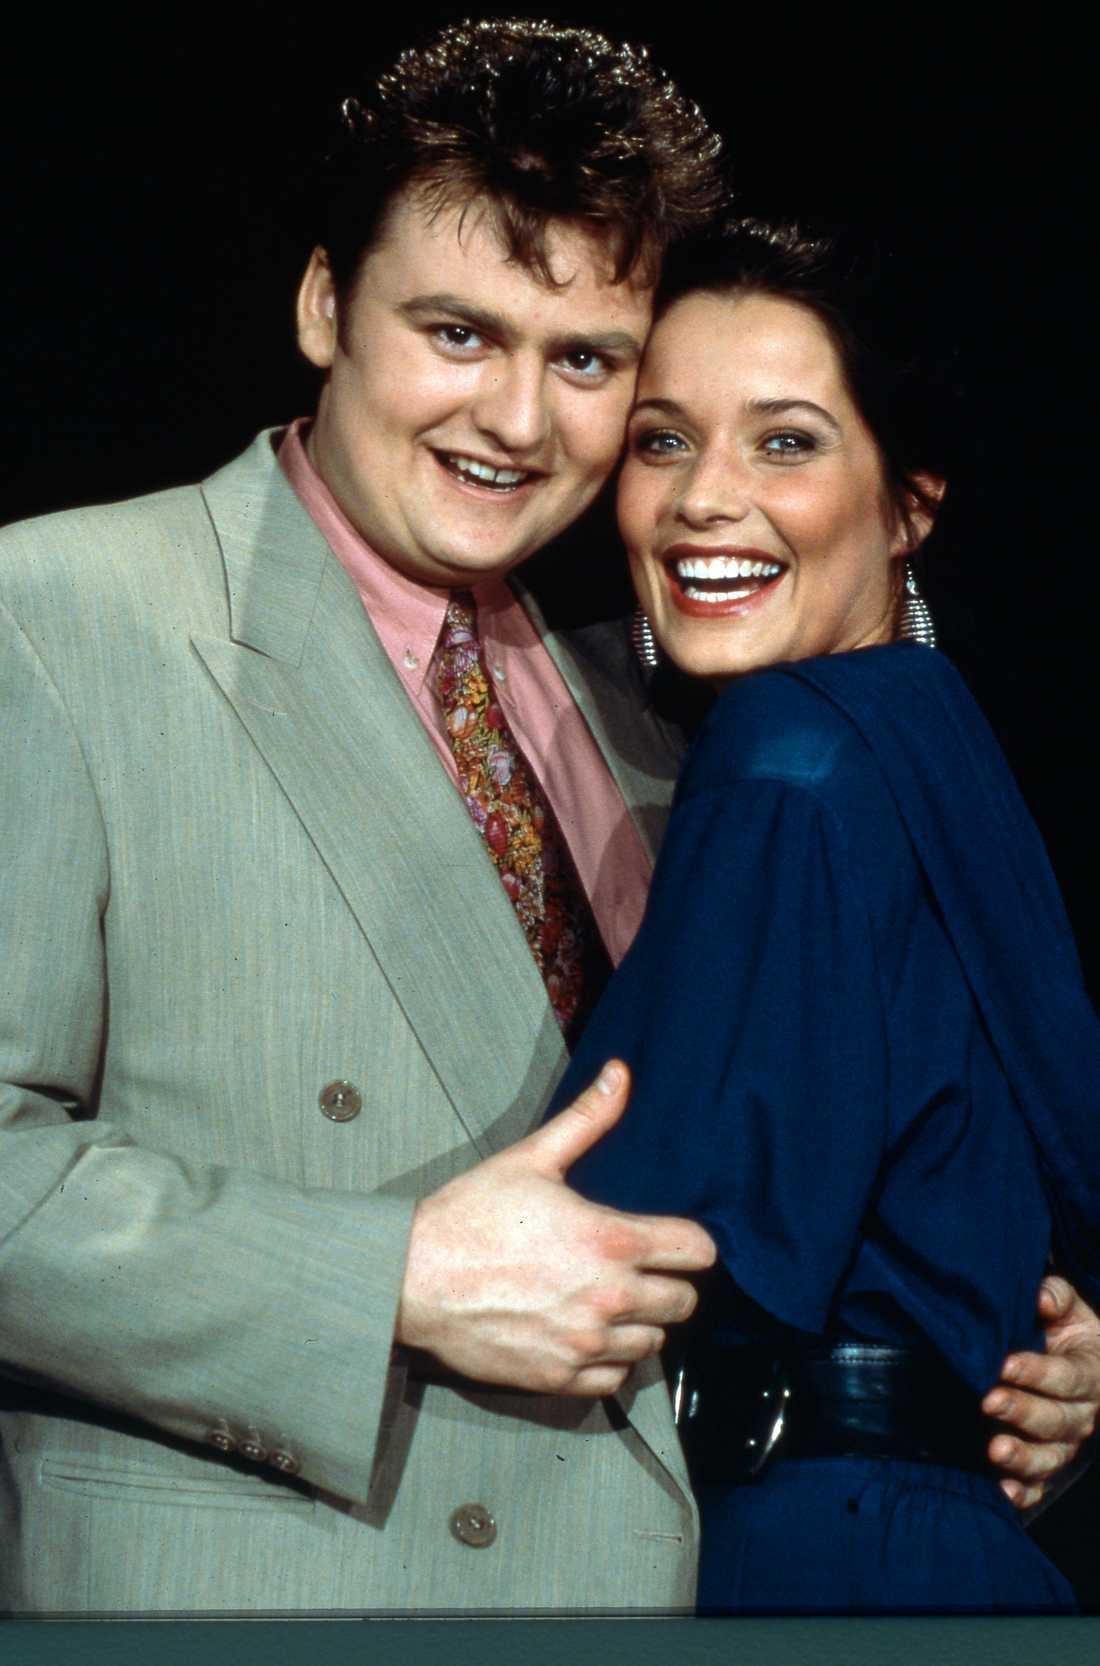 """""""Tur i kärlek"""" blev en stor succé i den då ganska nystartade tv-kanalen TV4. Här ses Adam Alsing tillsammans med Agneta Sjödin."""